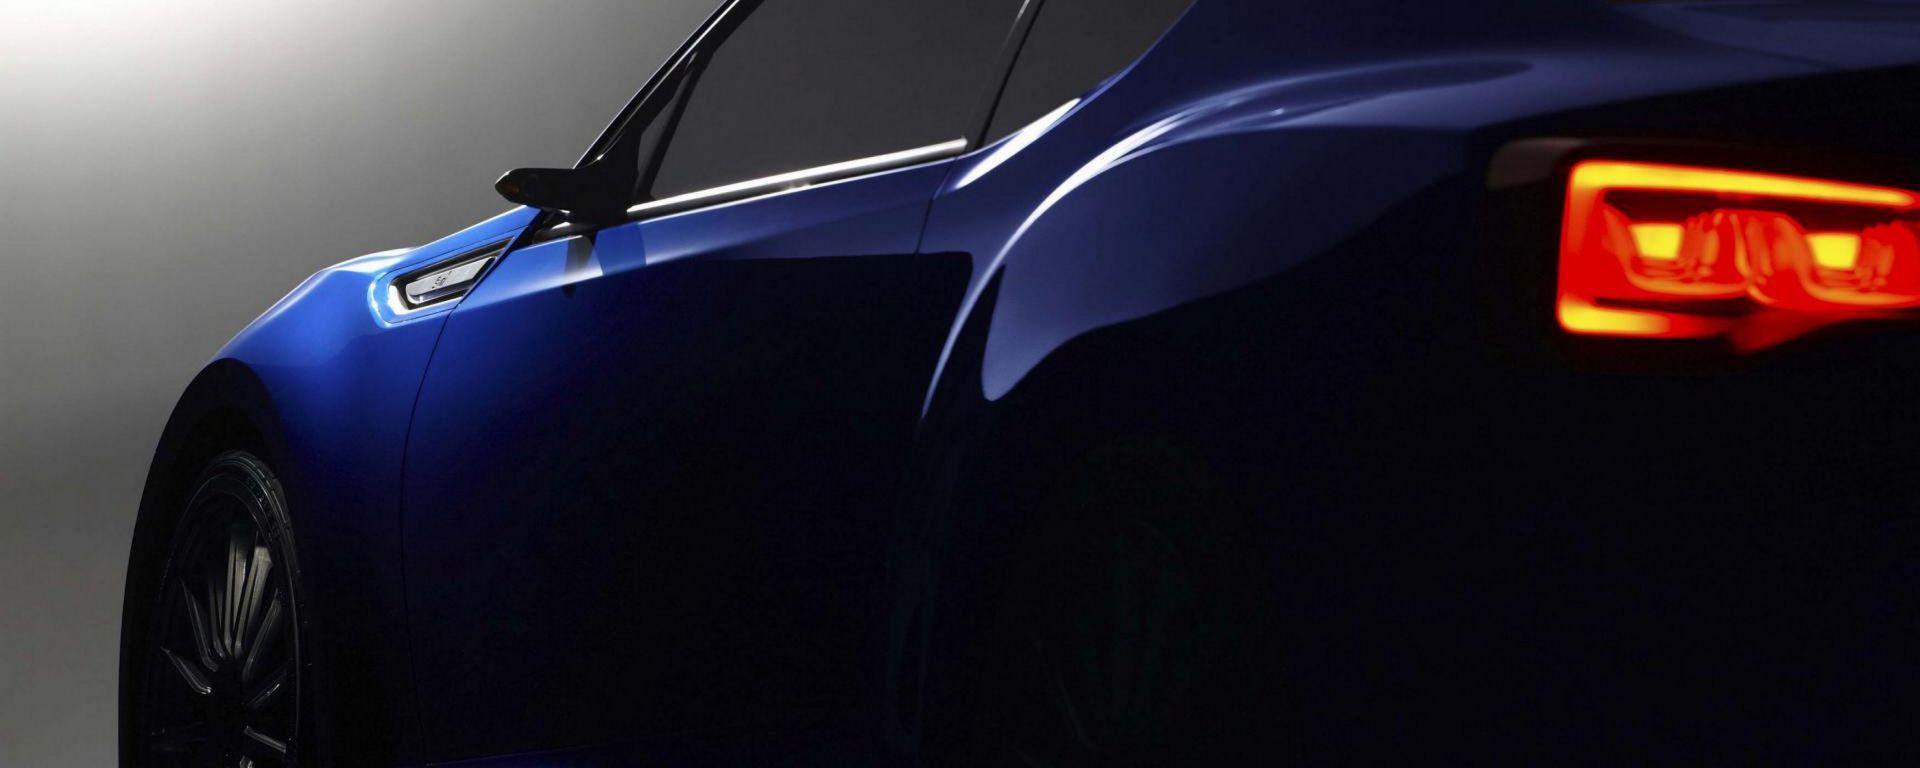 Subaru BRZ e Toyota GT86: confermate. Presto i nuovi modelli